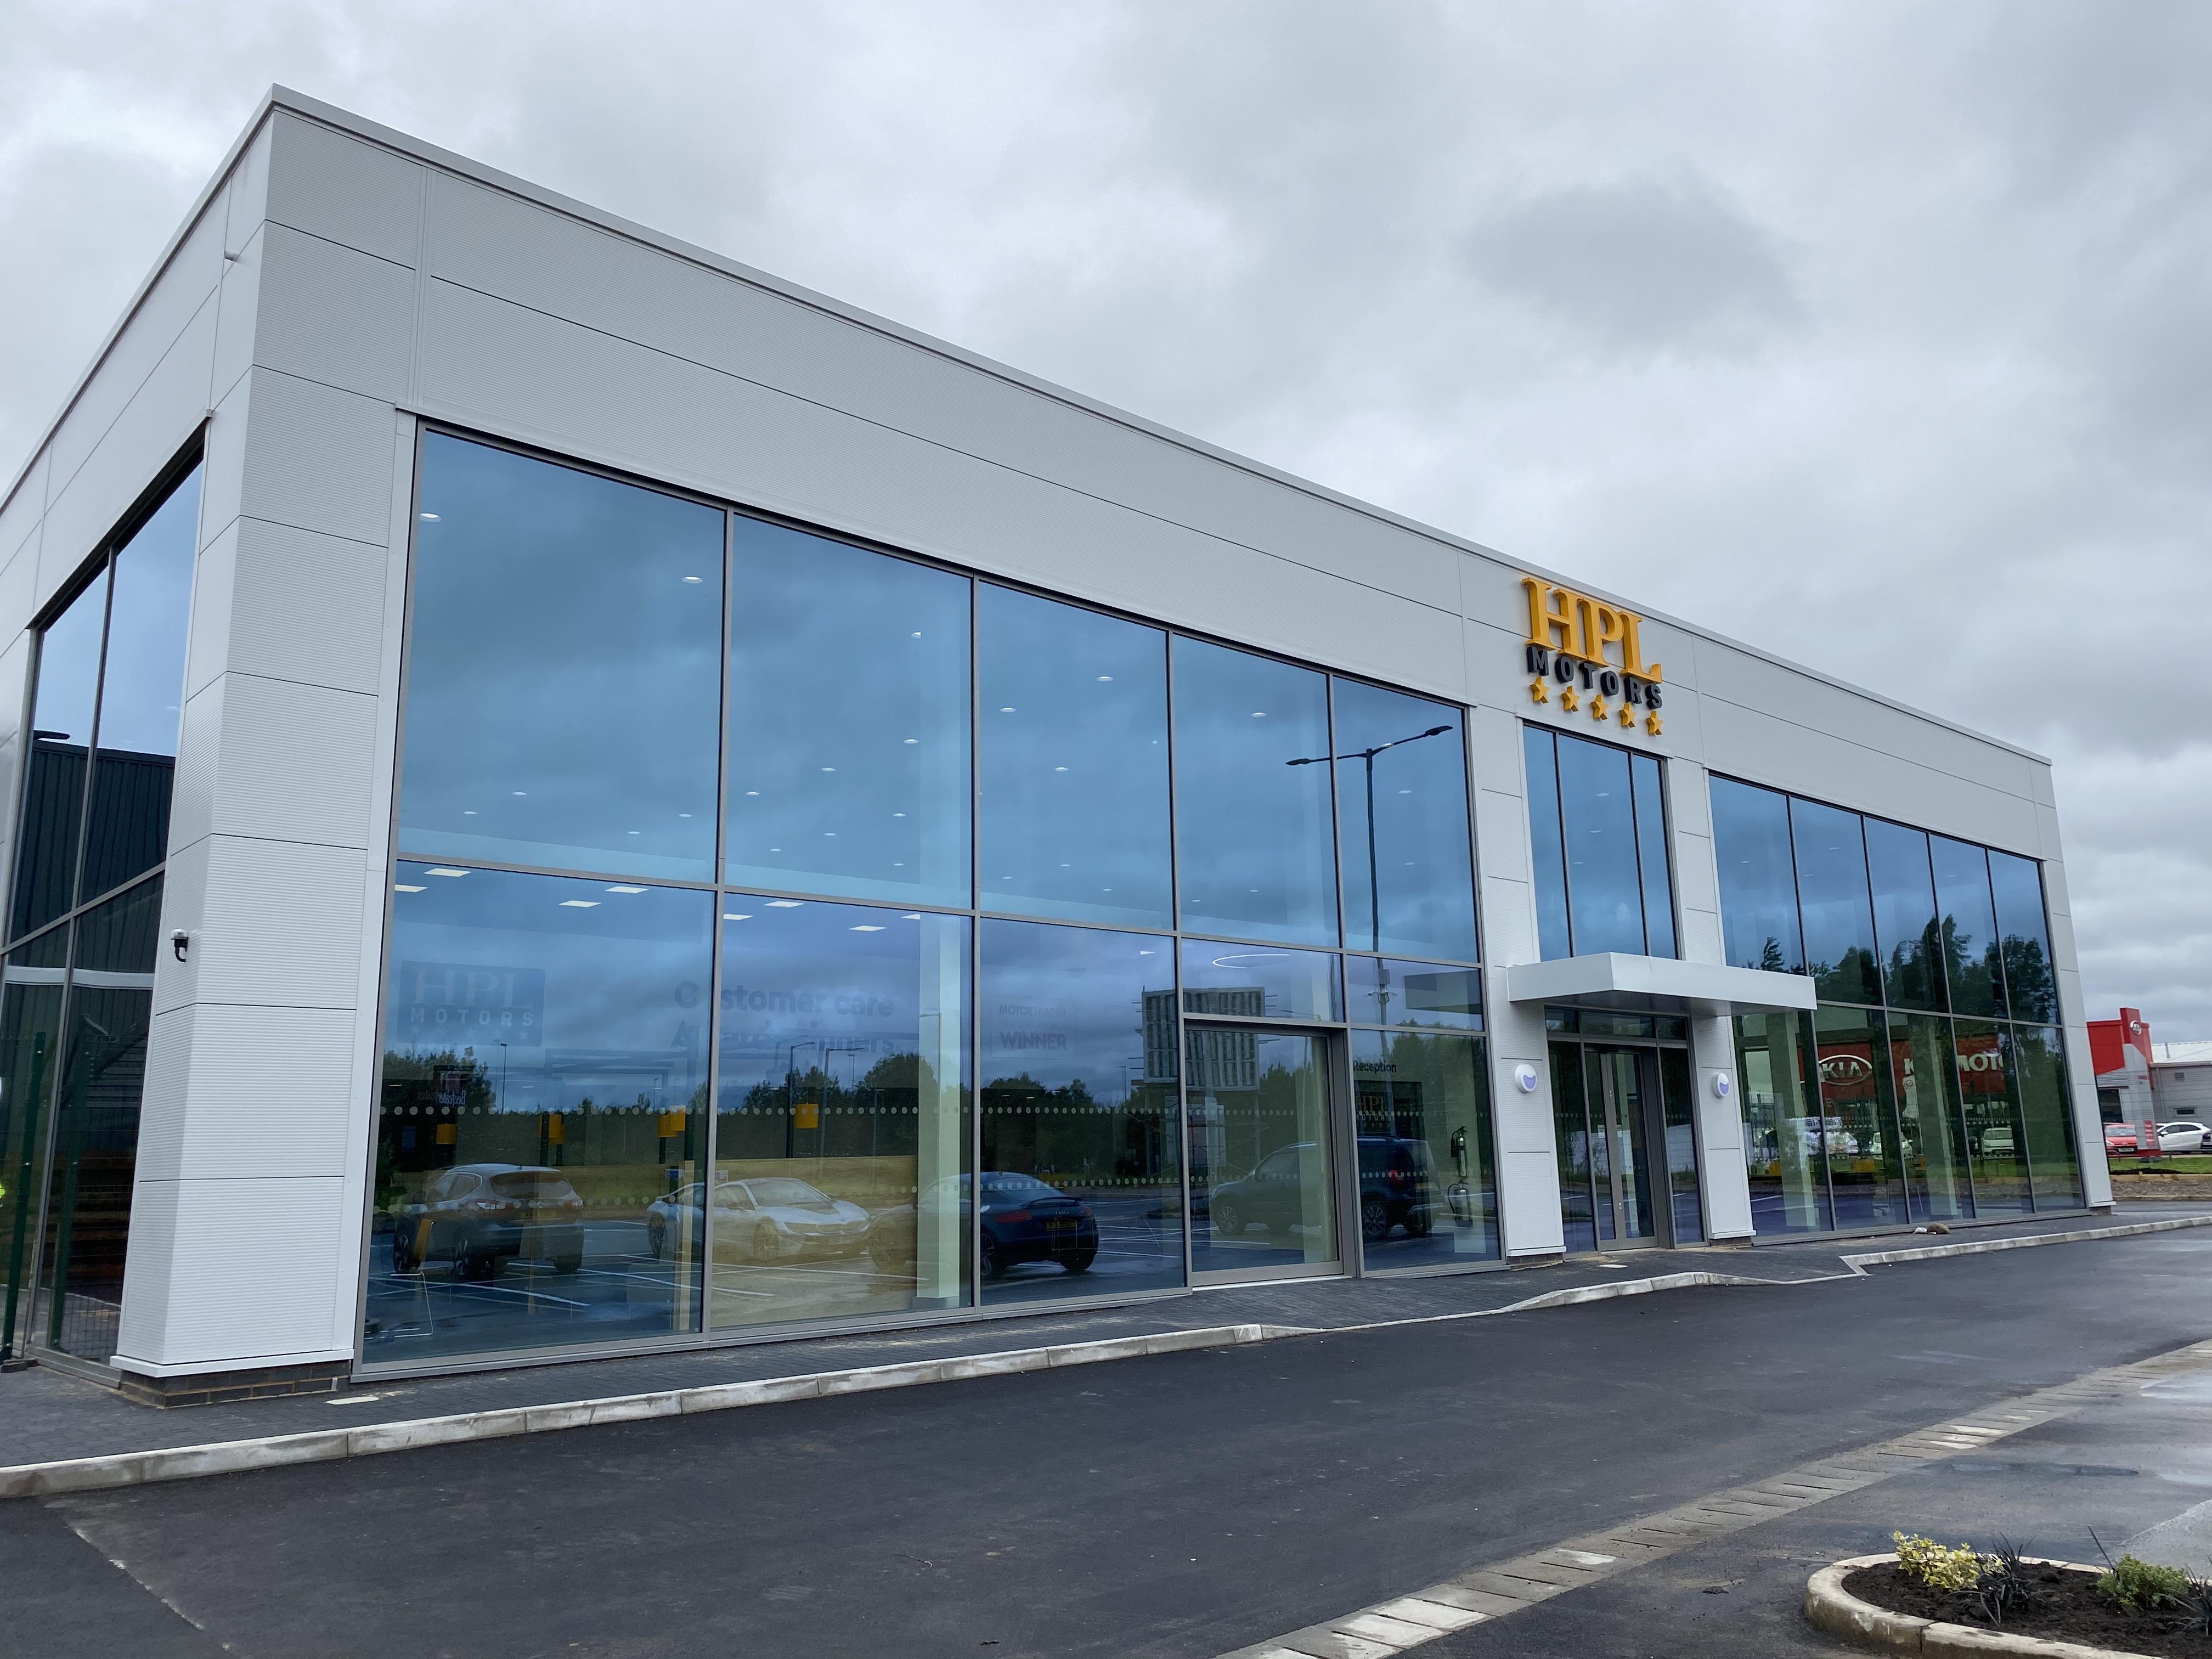 the front exterior of a HPL Motors Car showroom